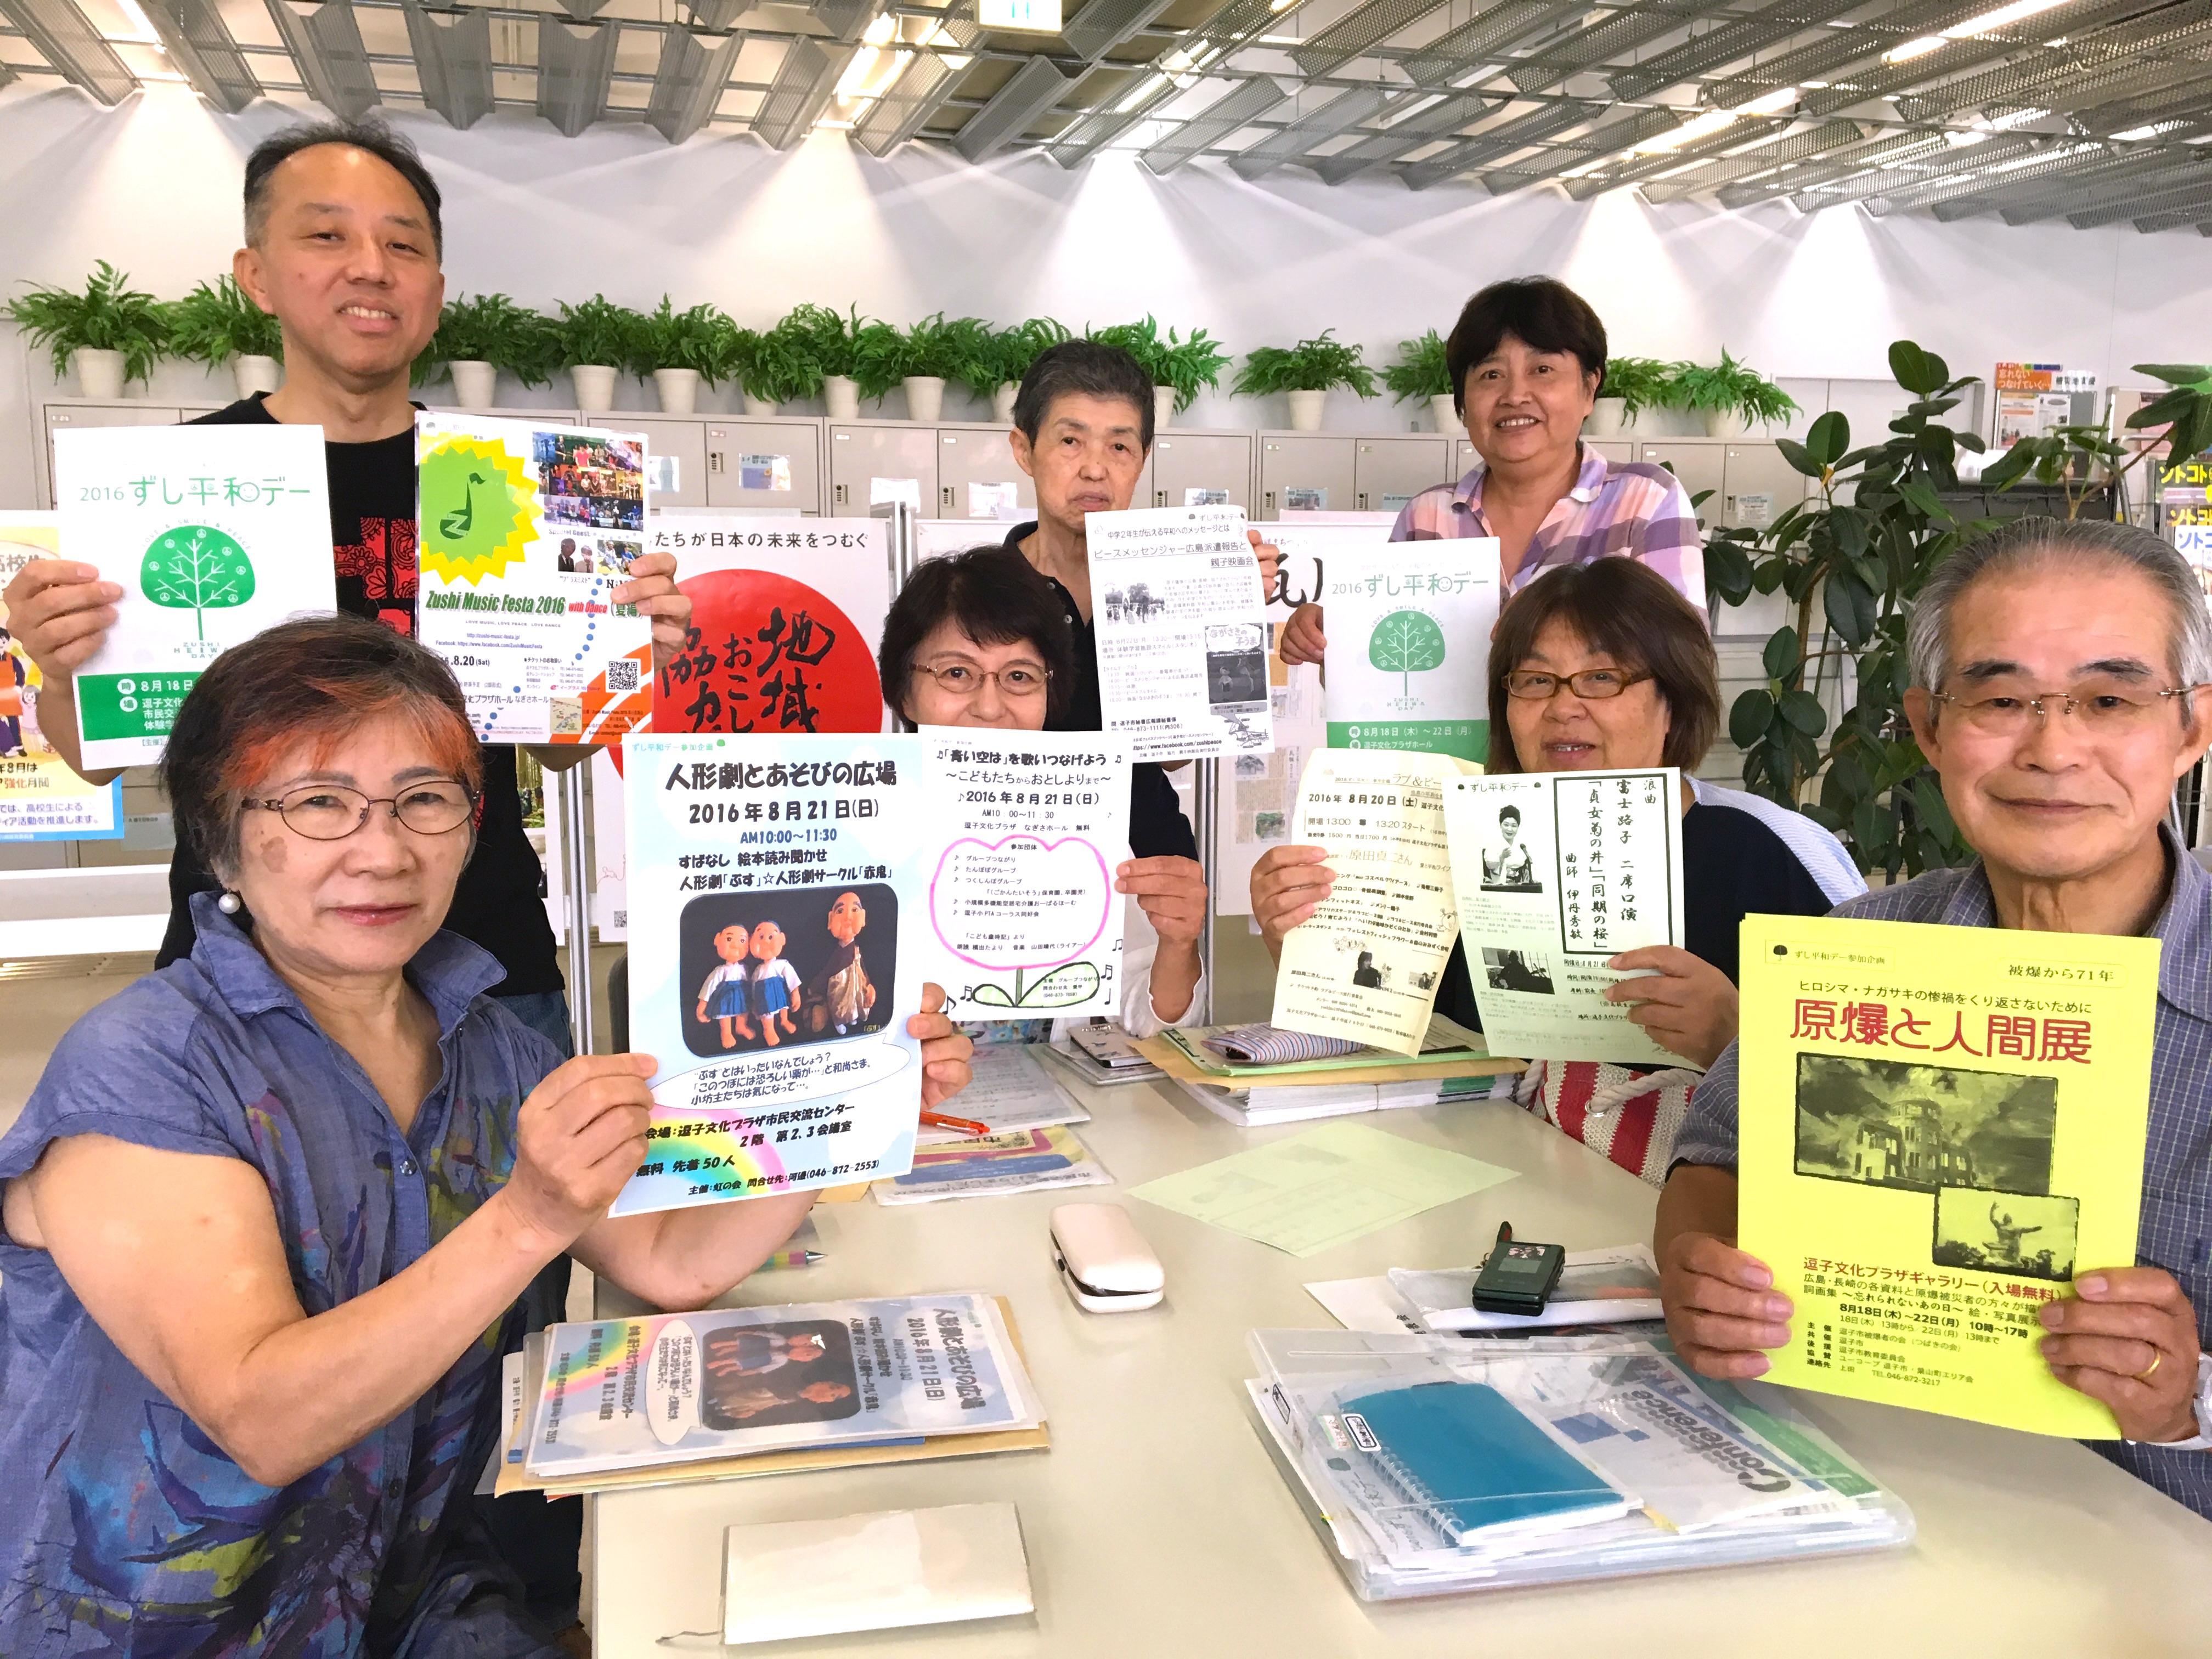 2016ずし平和デーは8月18日〜22日の開催です